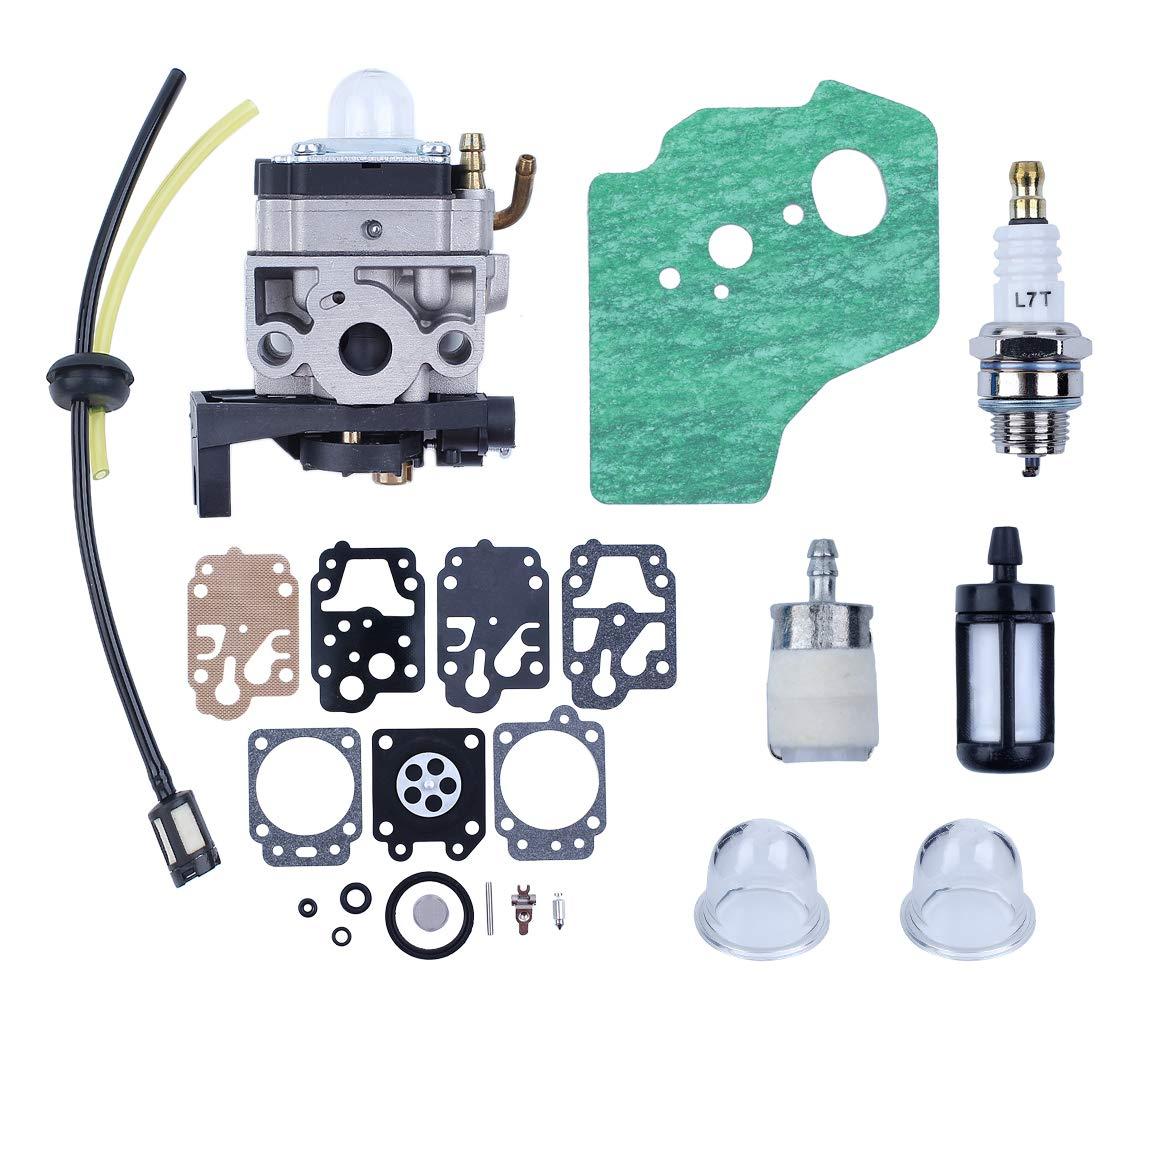 Haishine Carburador Carb Junta Diaphargm Kit para Honda GX35 HHT35 ...